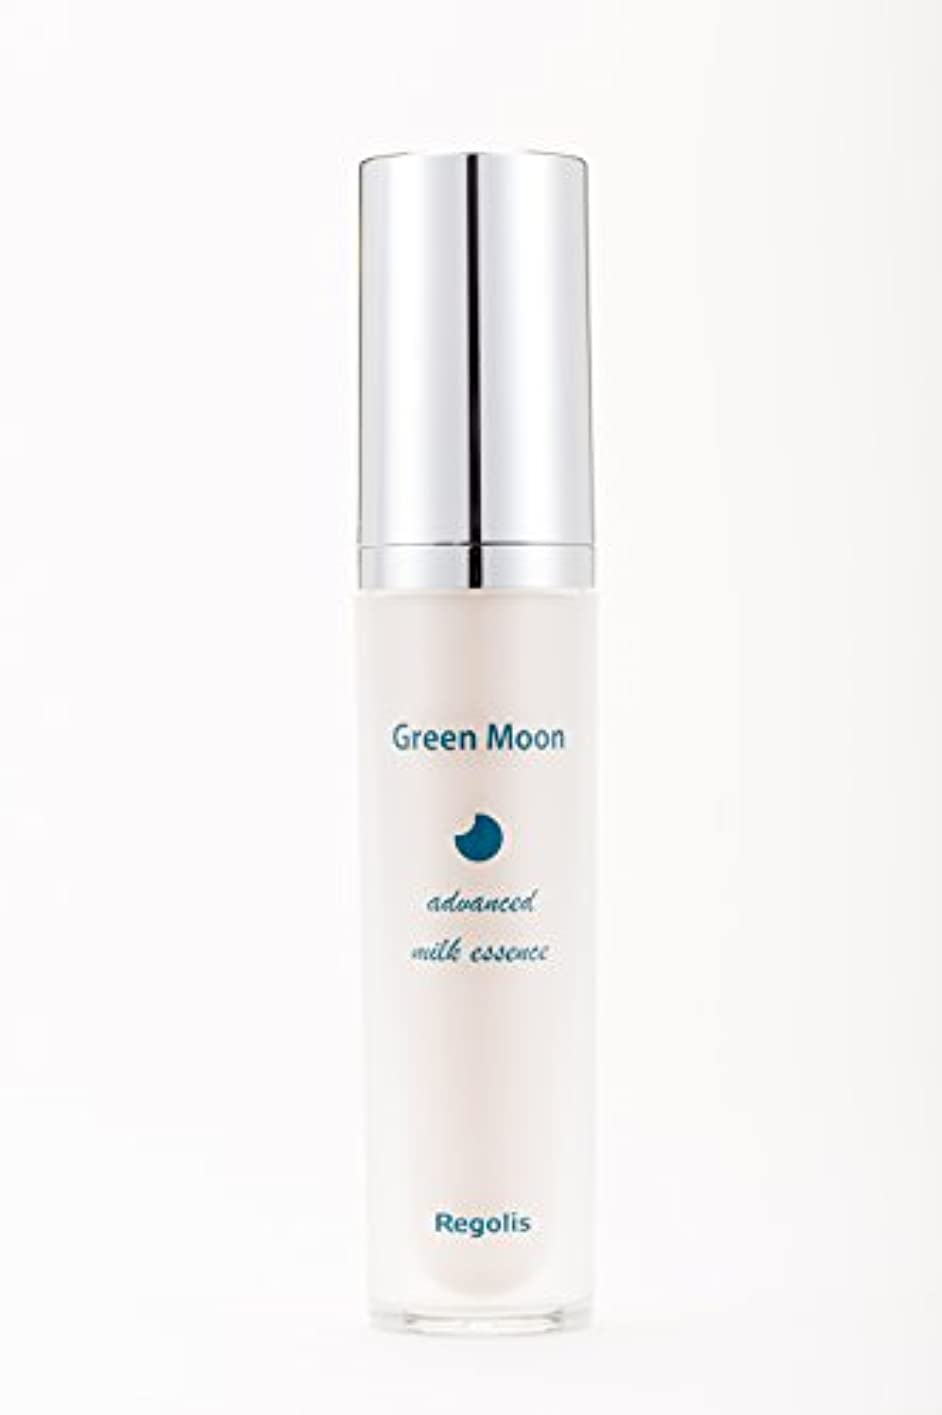 ポップ呼び起こす軽蔑するGreen Moon advanced milk essence